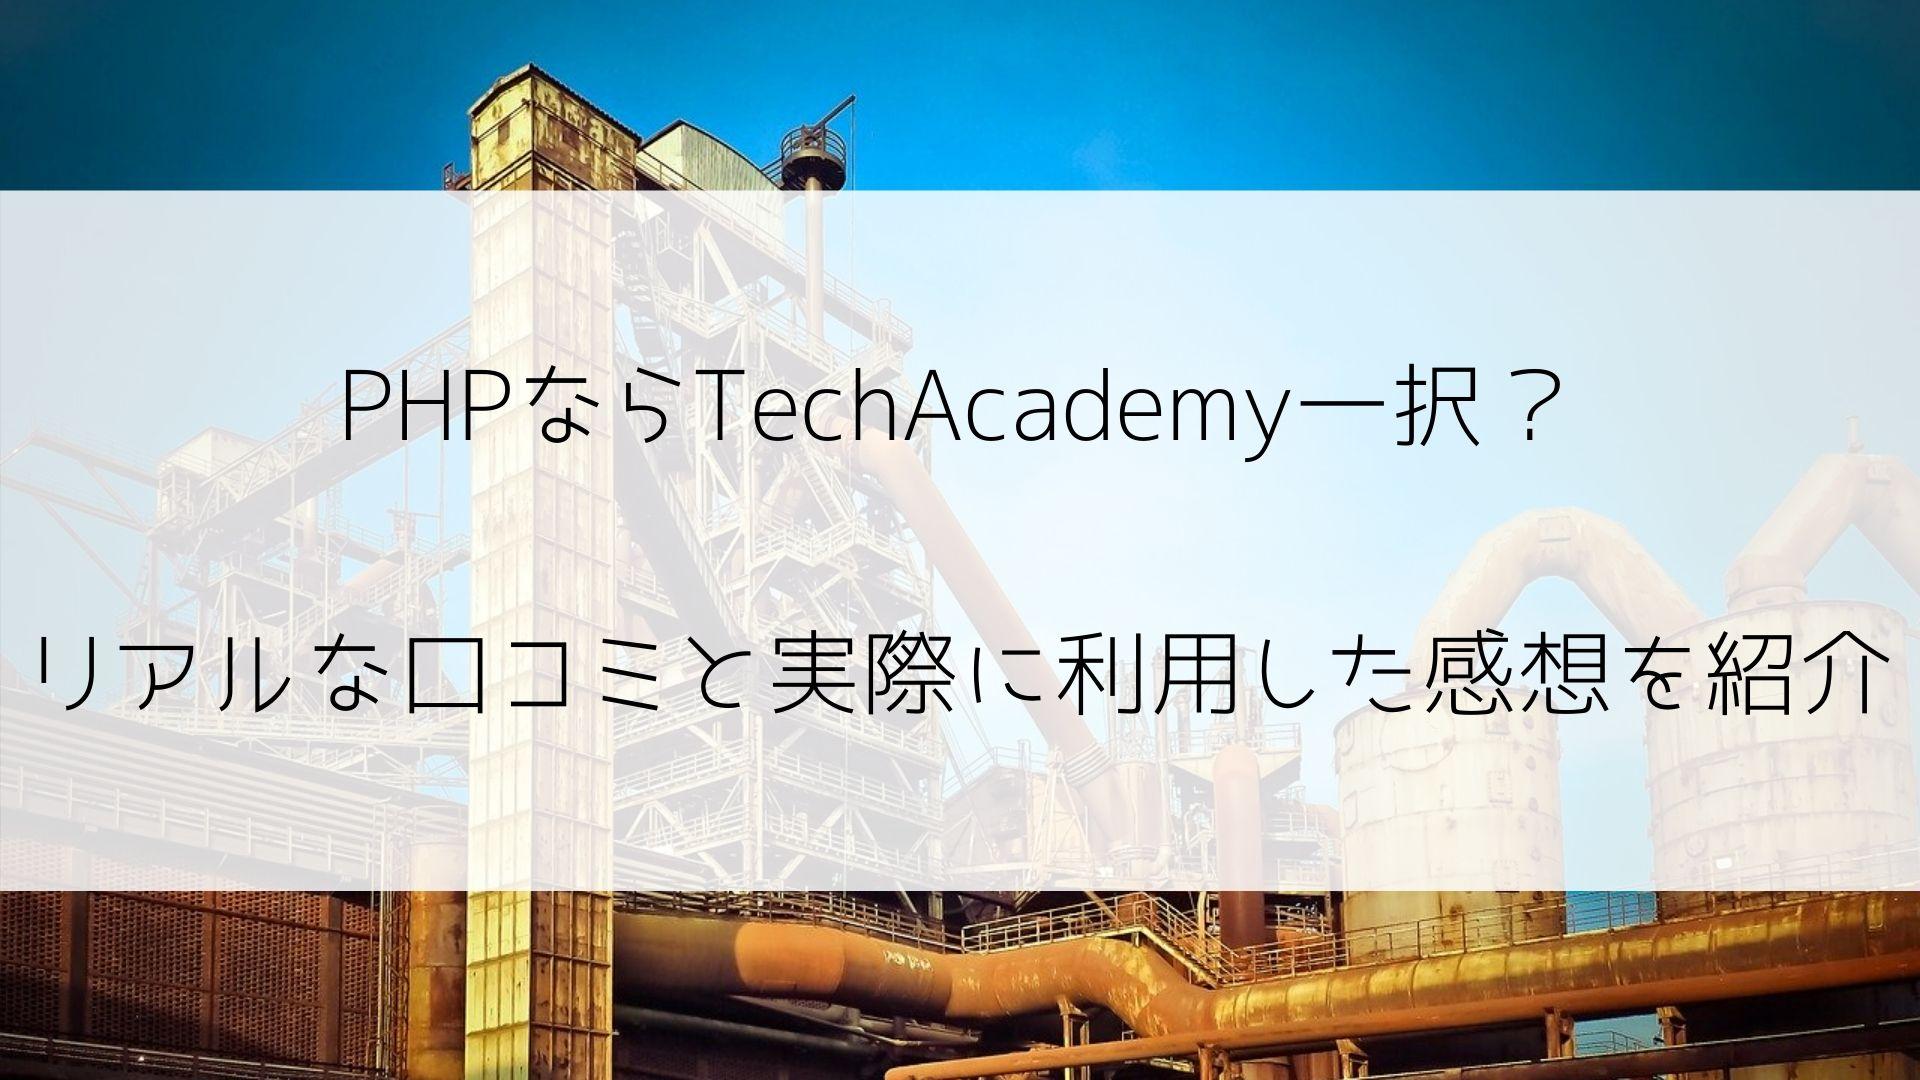 大学生向けPHPスクールTechAcademy